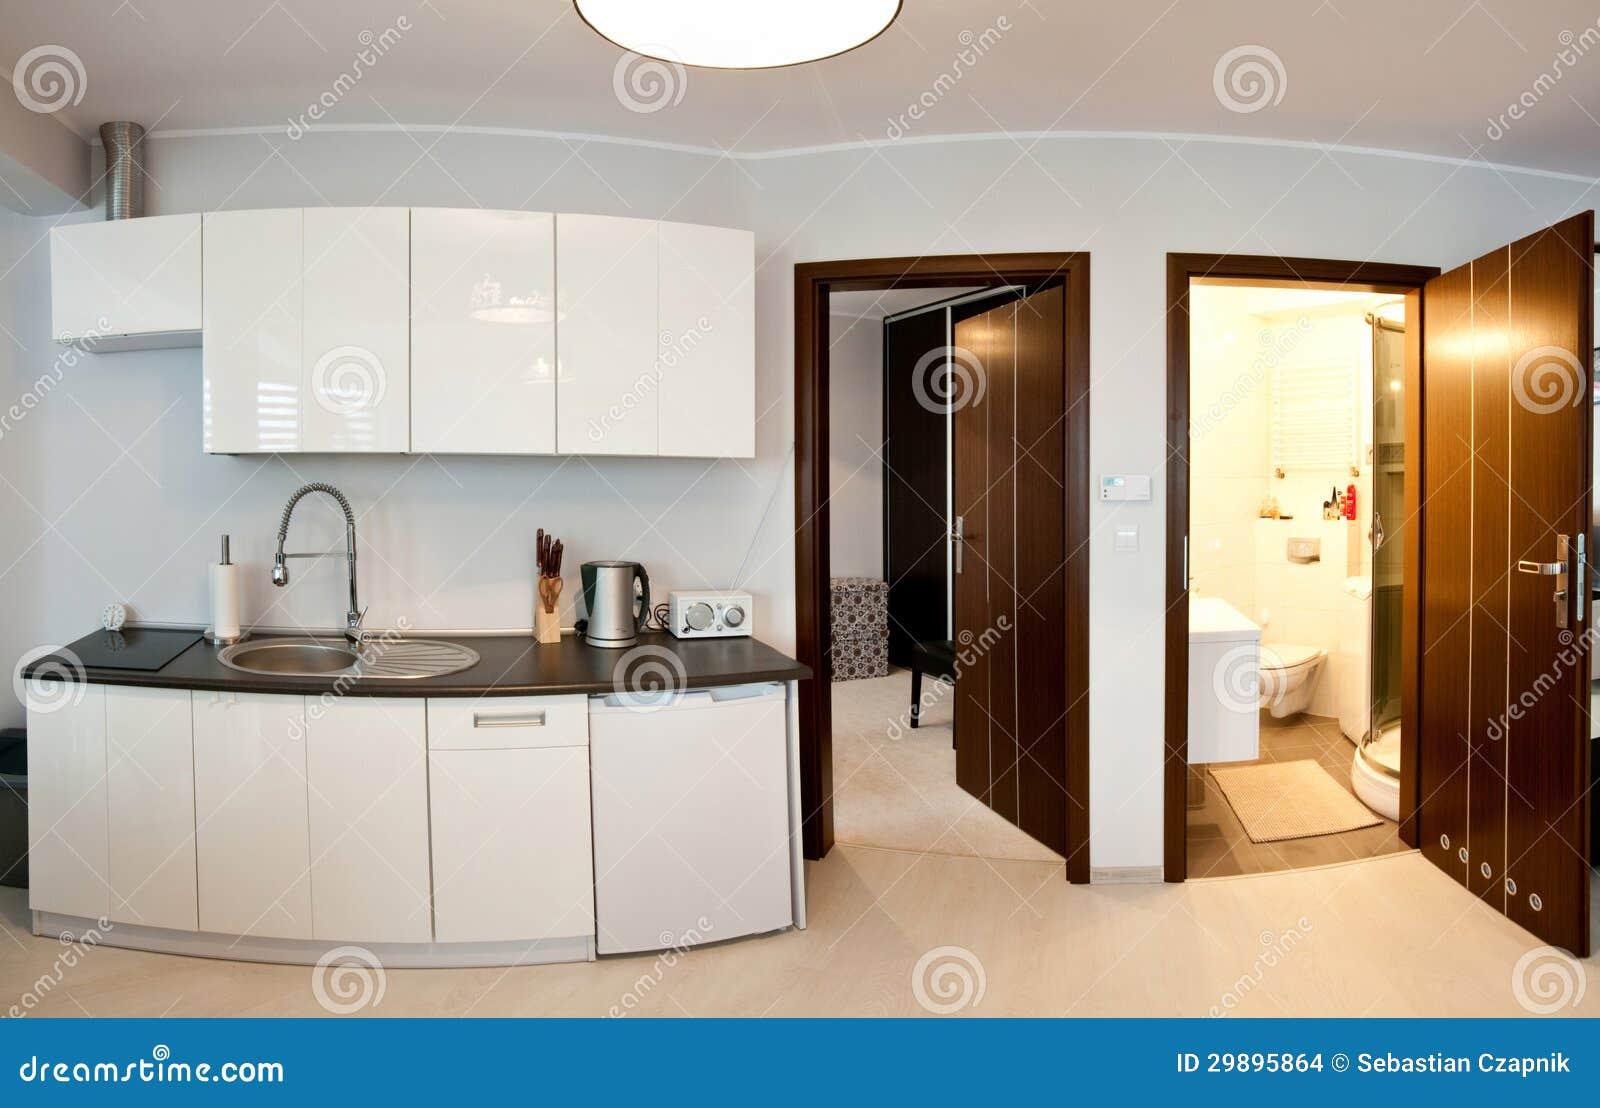 Cocina y cuarto de baño